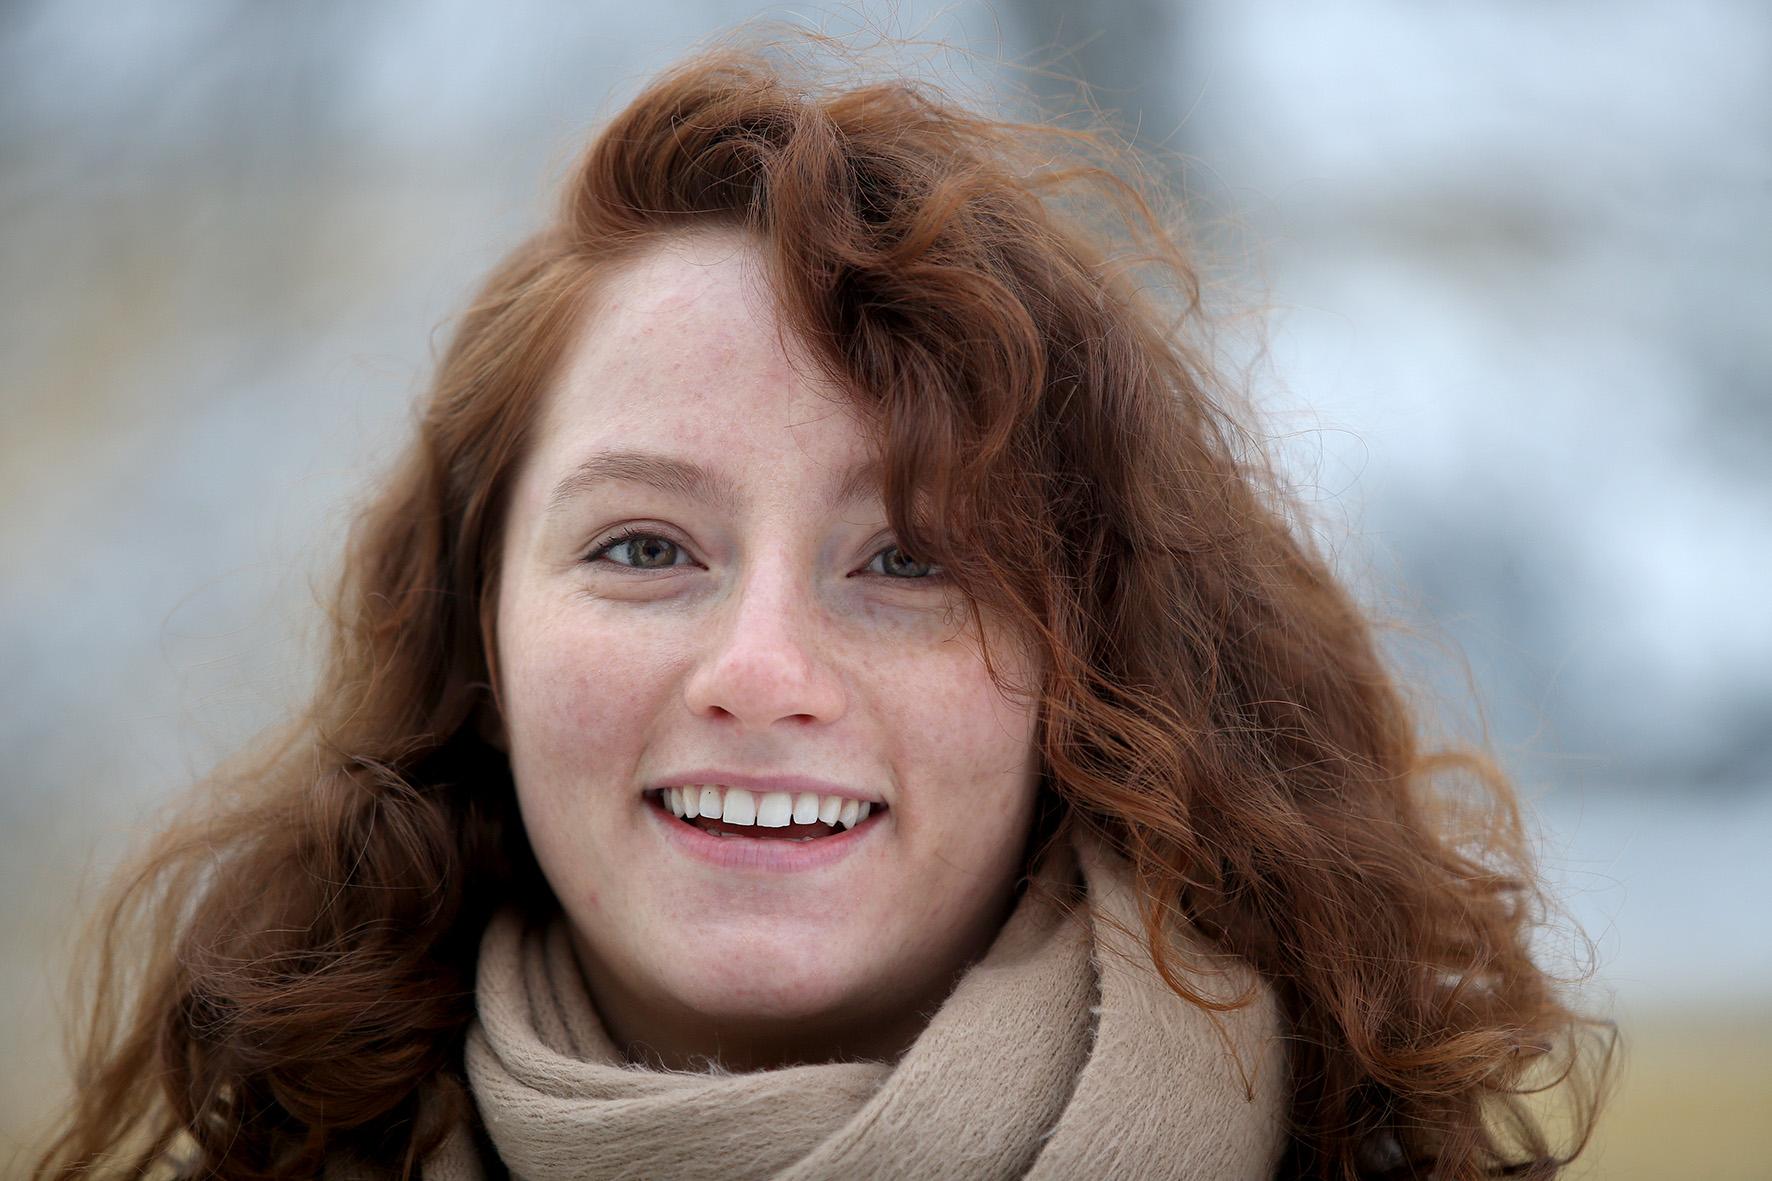 Felicijai tereikėjo išmokti lietuvių kalbą, nes kitą kalbą – tą, kuria mylėjo, myli ir prieš trejus metus prisiekė amžinai mylėti Povilą, ji jau mokėjo labai gerai. Algimanto Barzdžiaus nuotr.